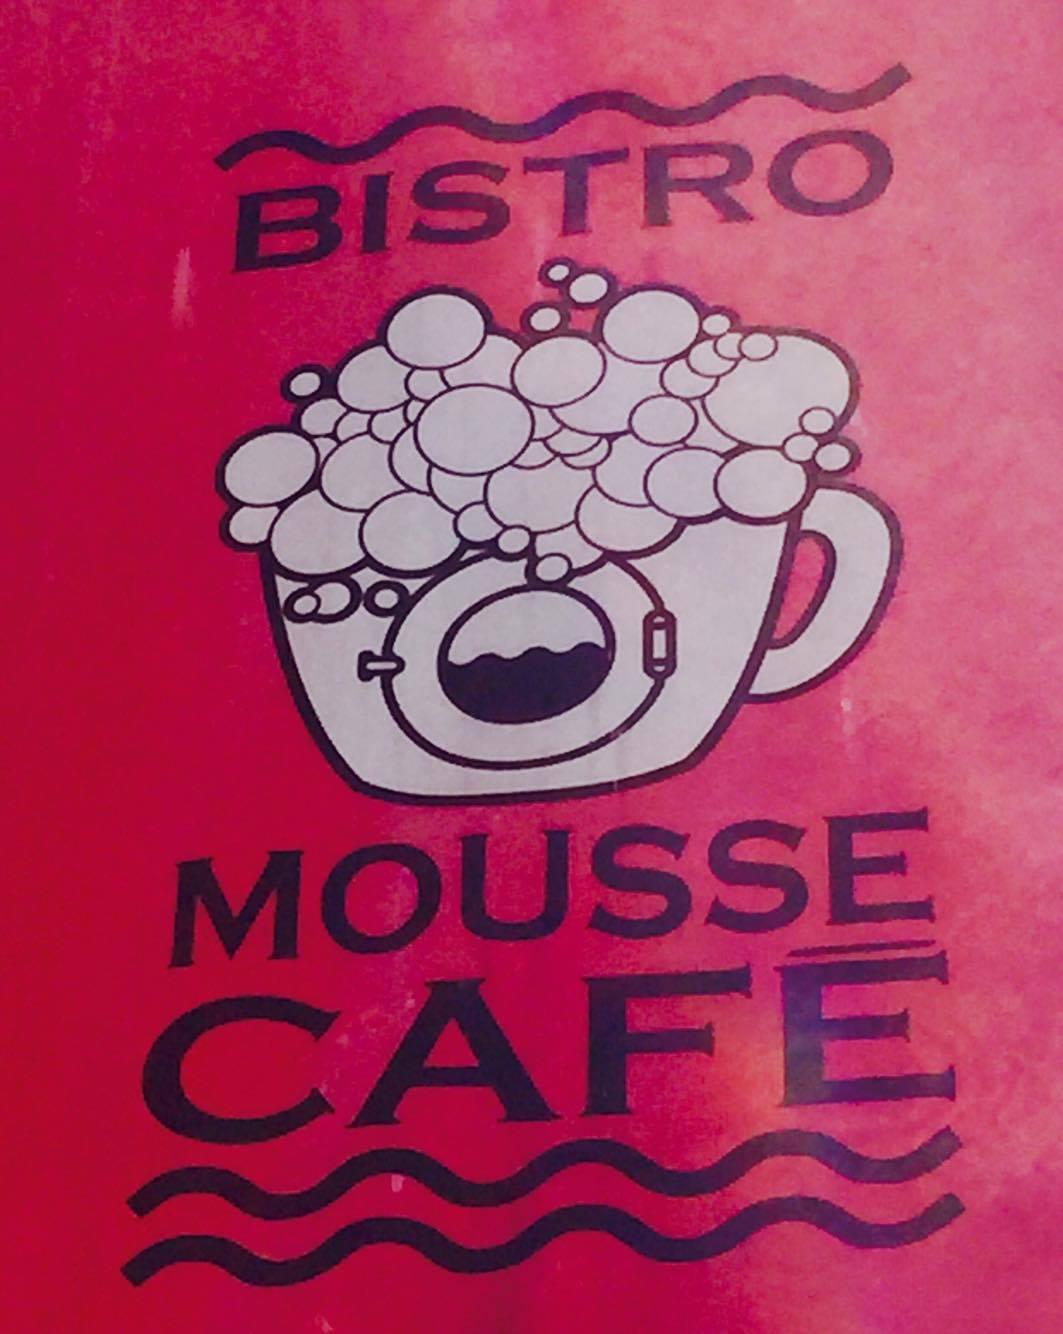 Bistro Mousse Café